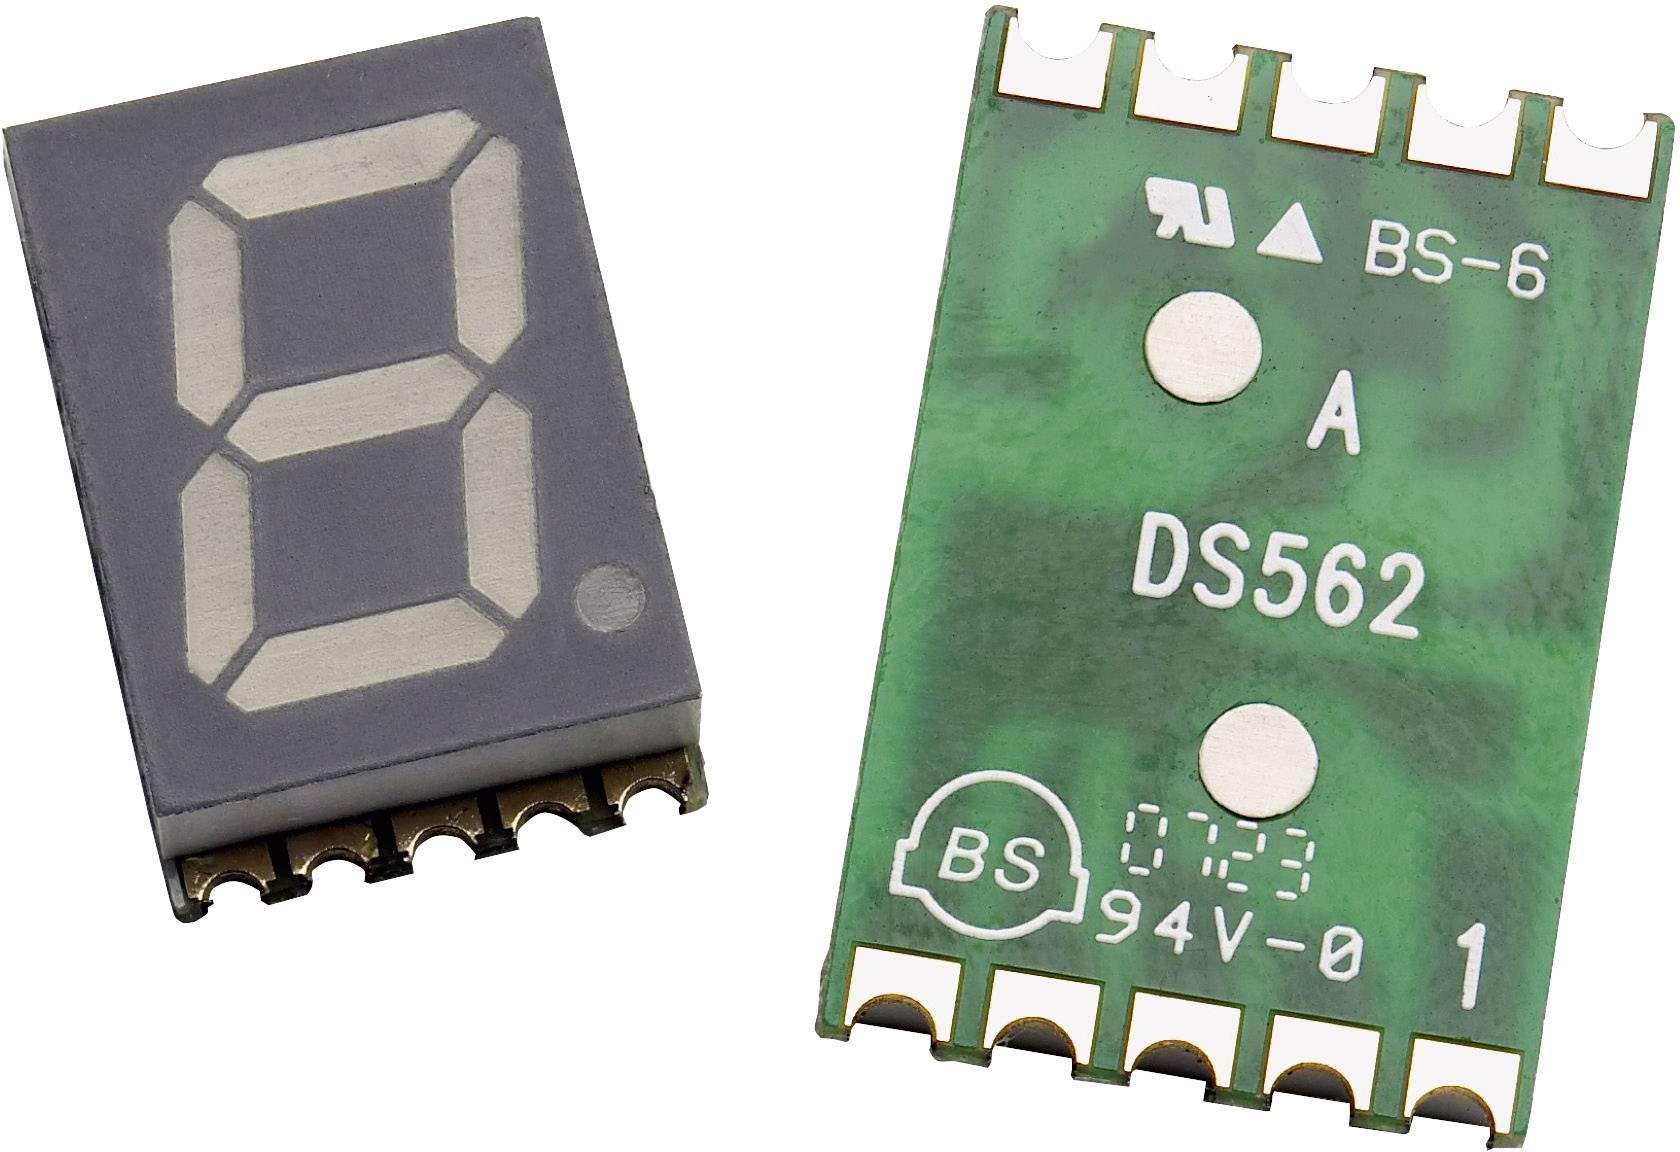 7-segmentový displej Broadcom HDSM-533C, číslic 1, 14.22 mm, 2 V, červená